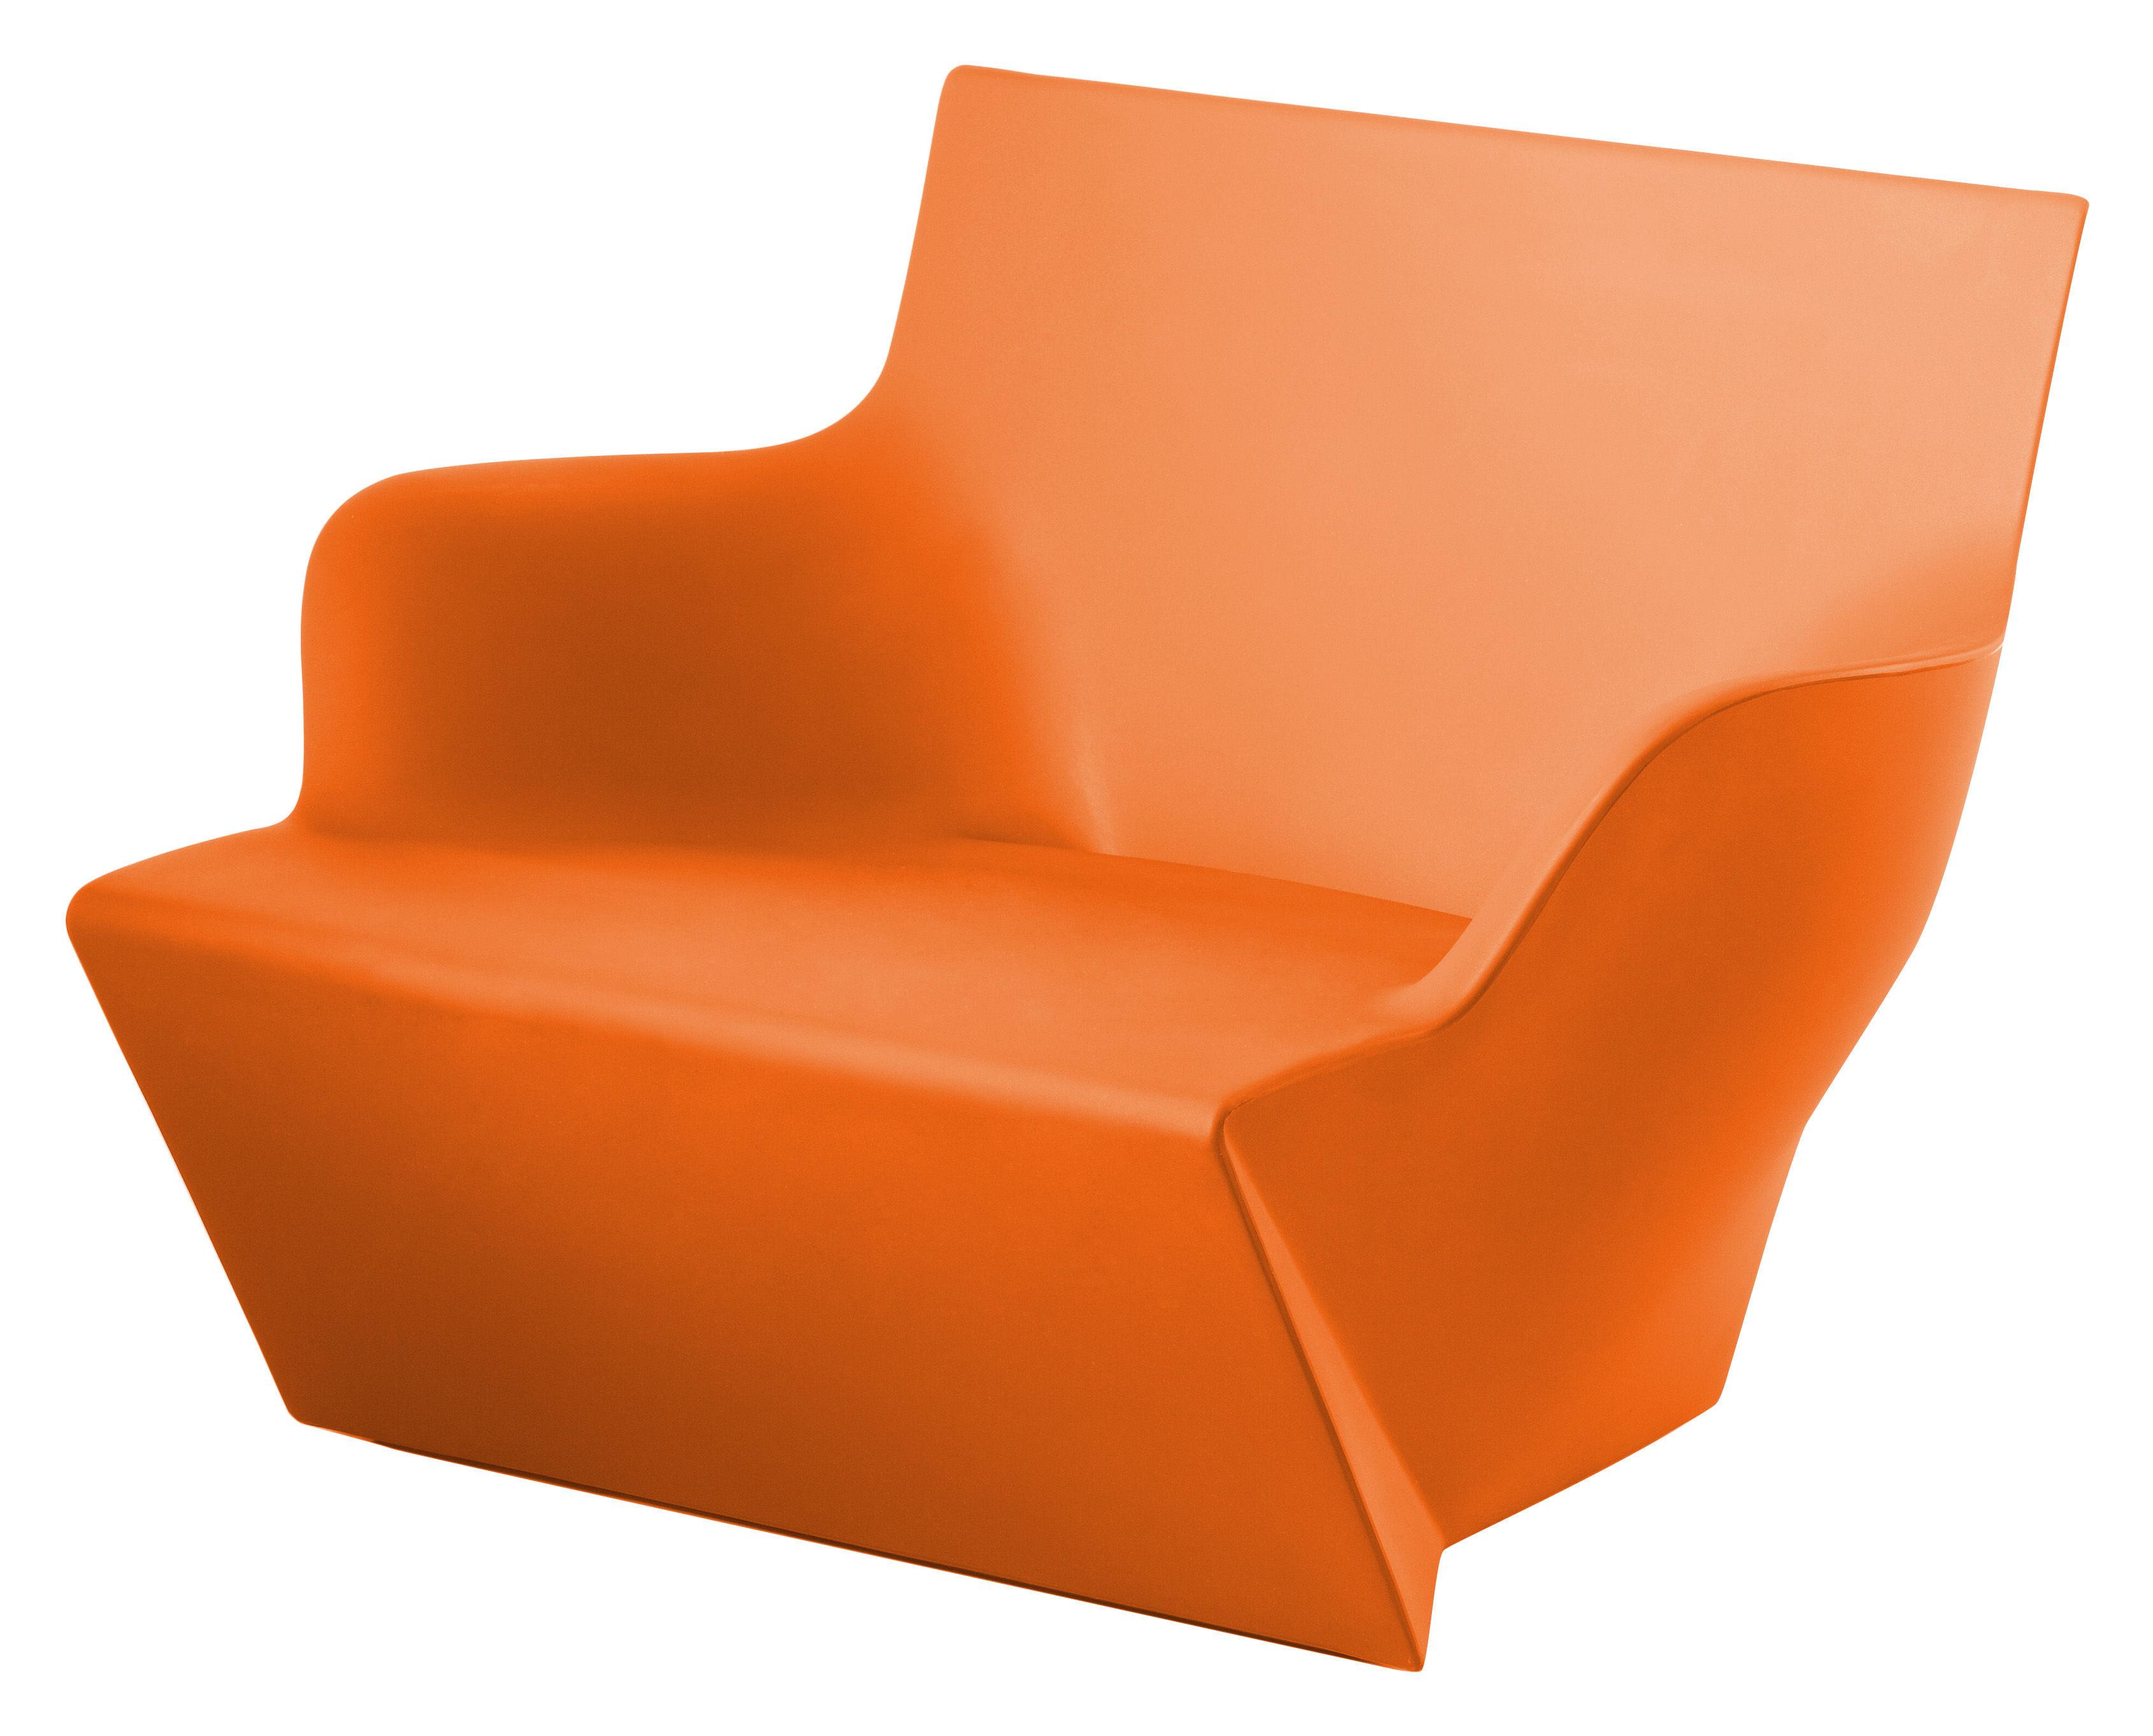 Mobilier - Fauteuils - Fauteuil Kami San - Slide - Orange - Polyéthylène